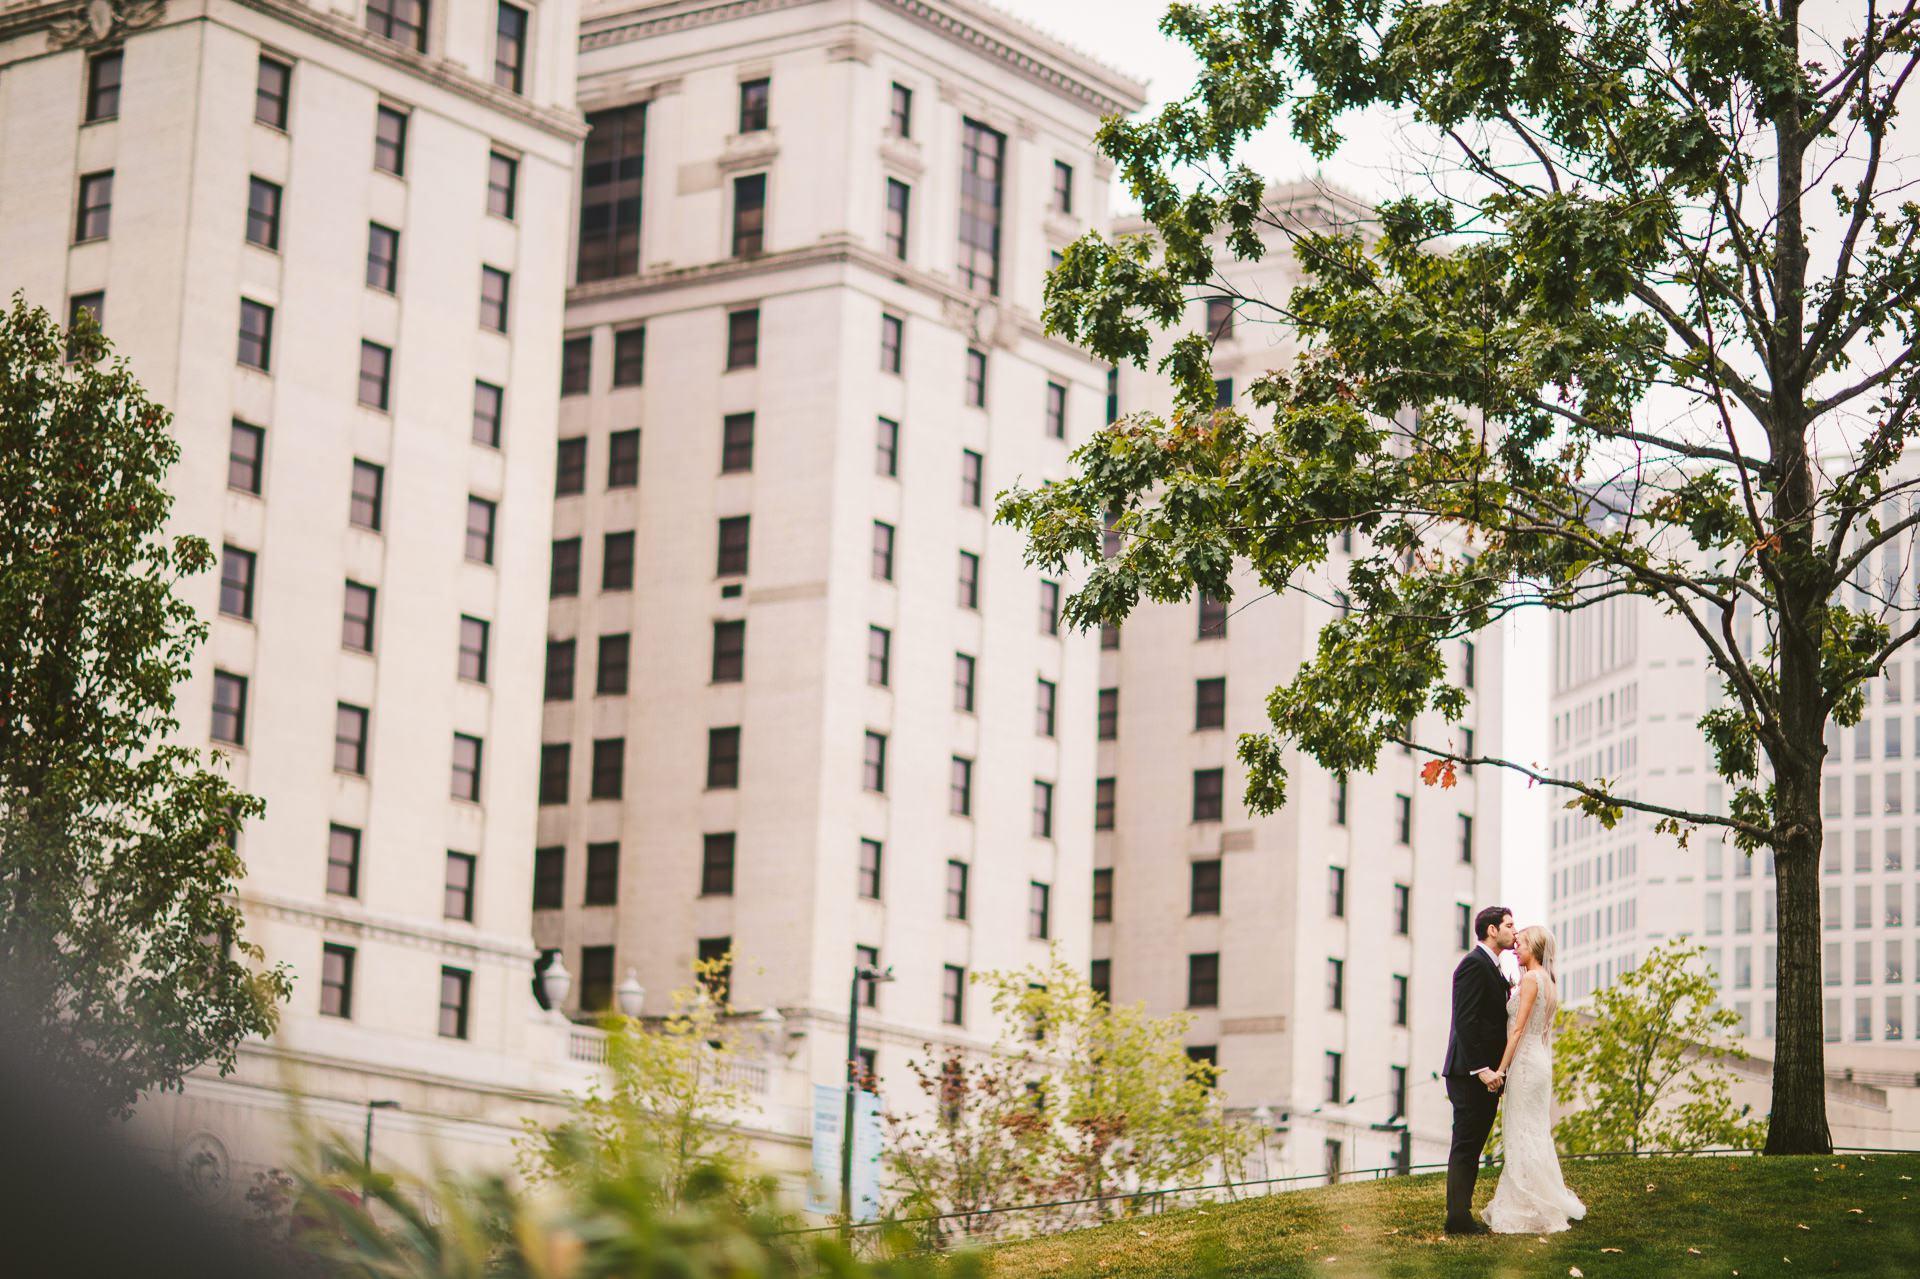 Aloft Hotel Alley Cat Oyster Bar Wedding in Cleveland 33.jpg